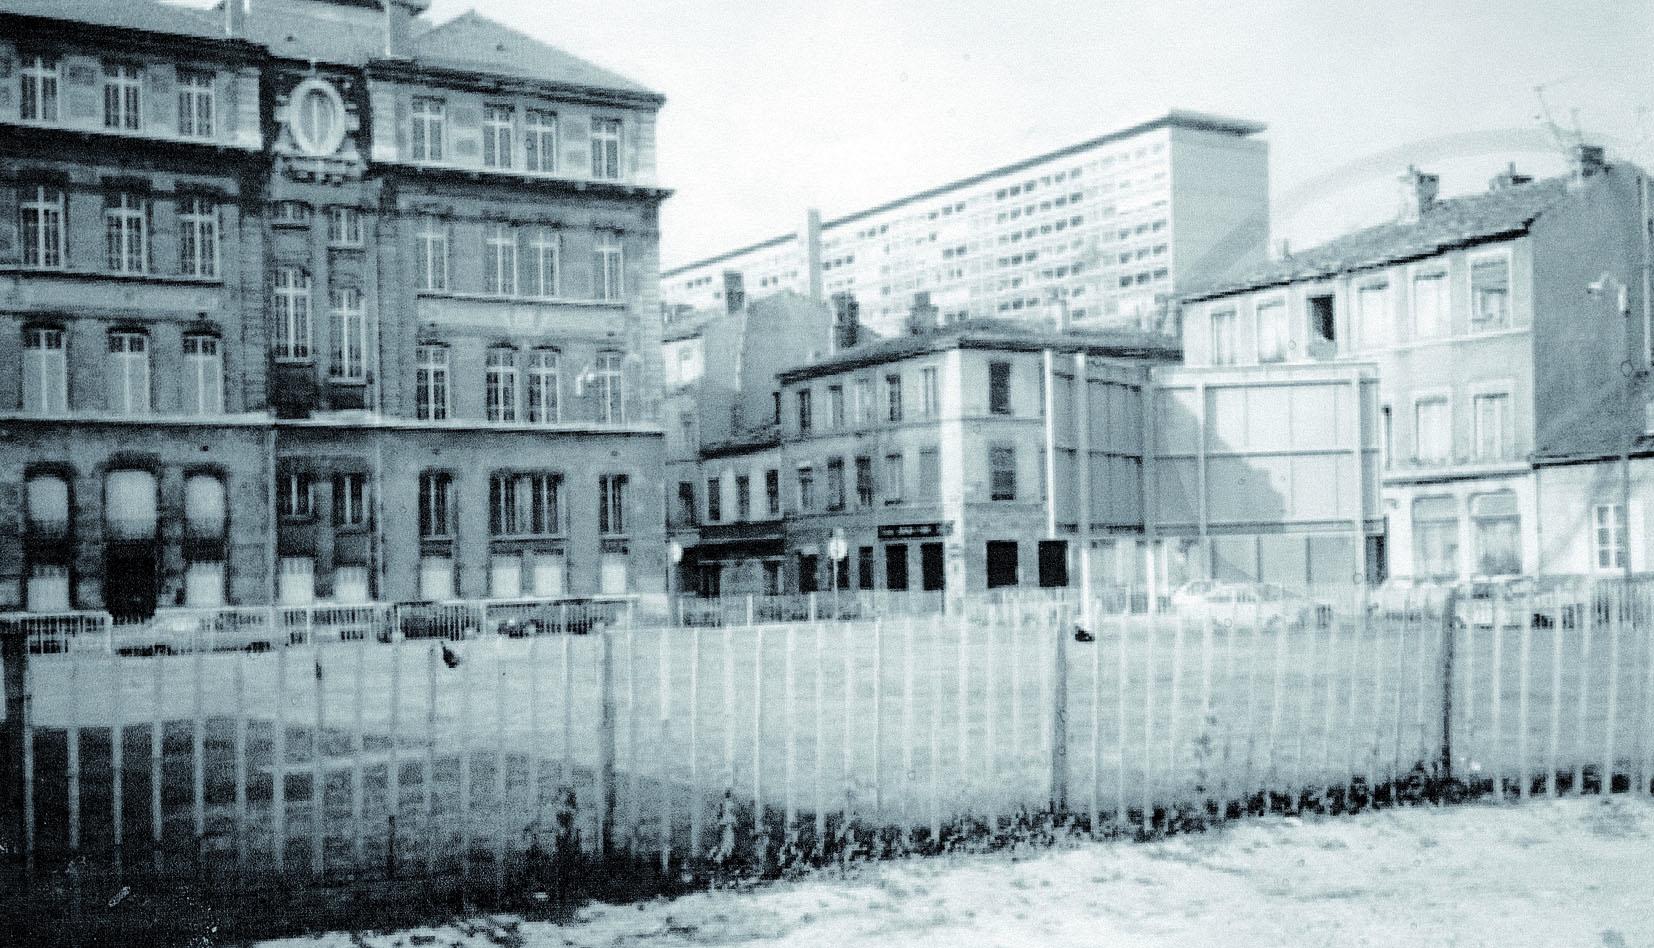 Kahn-Leon-17-rue-robert (Photo)